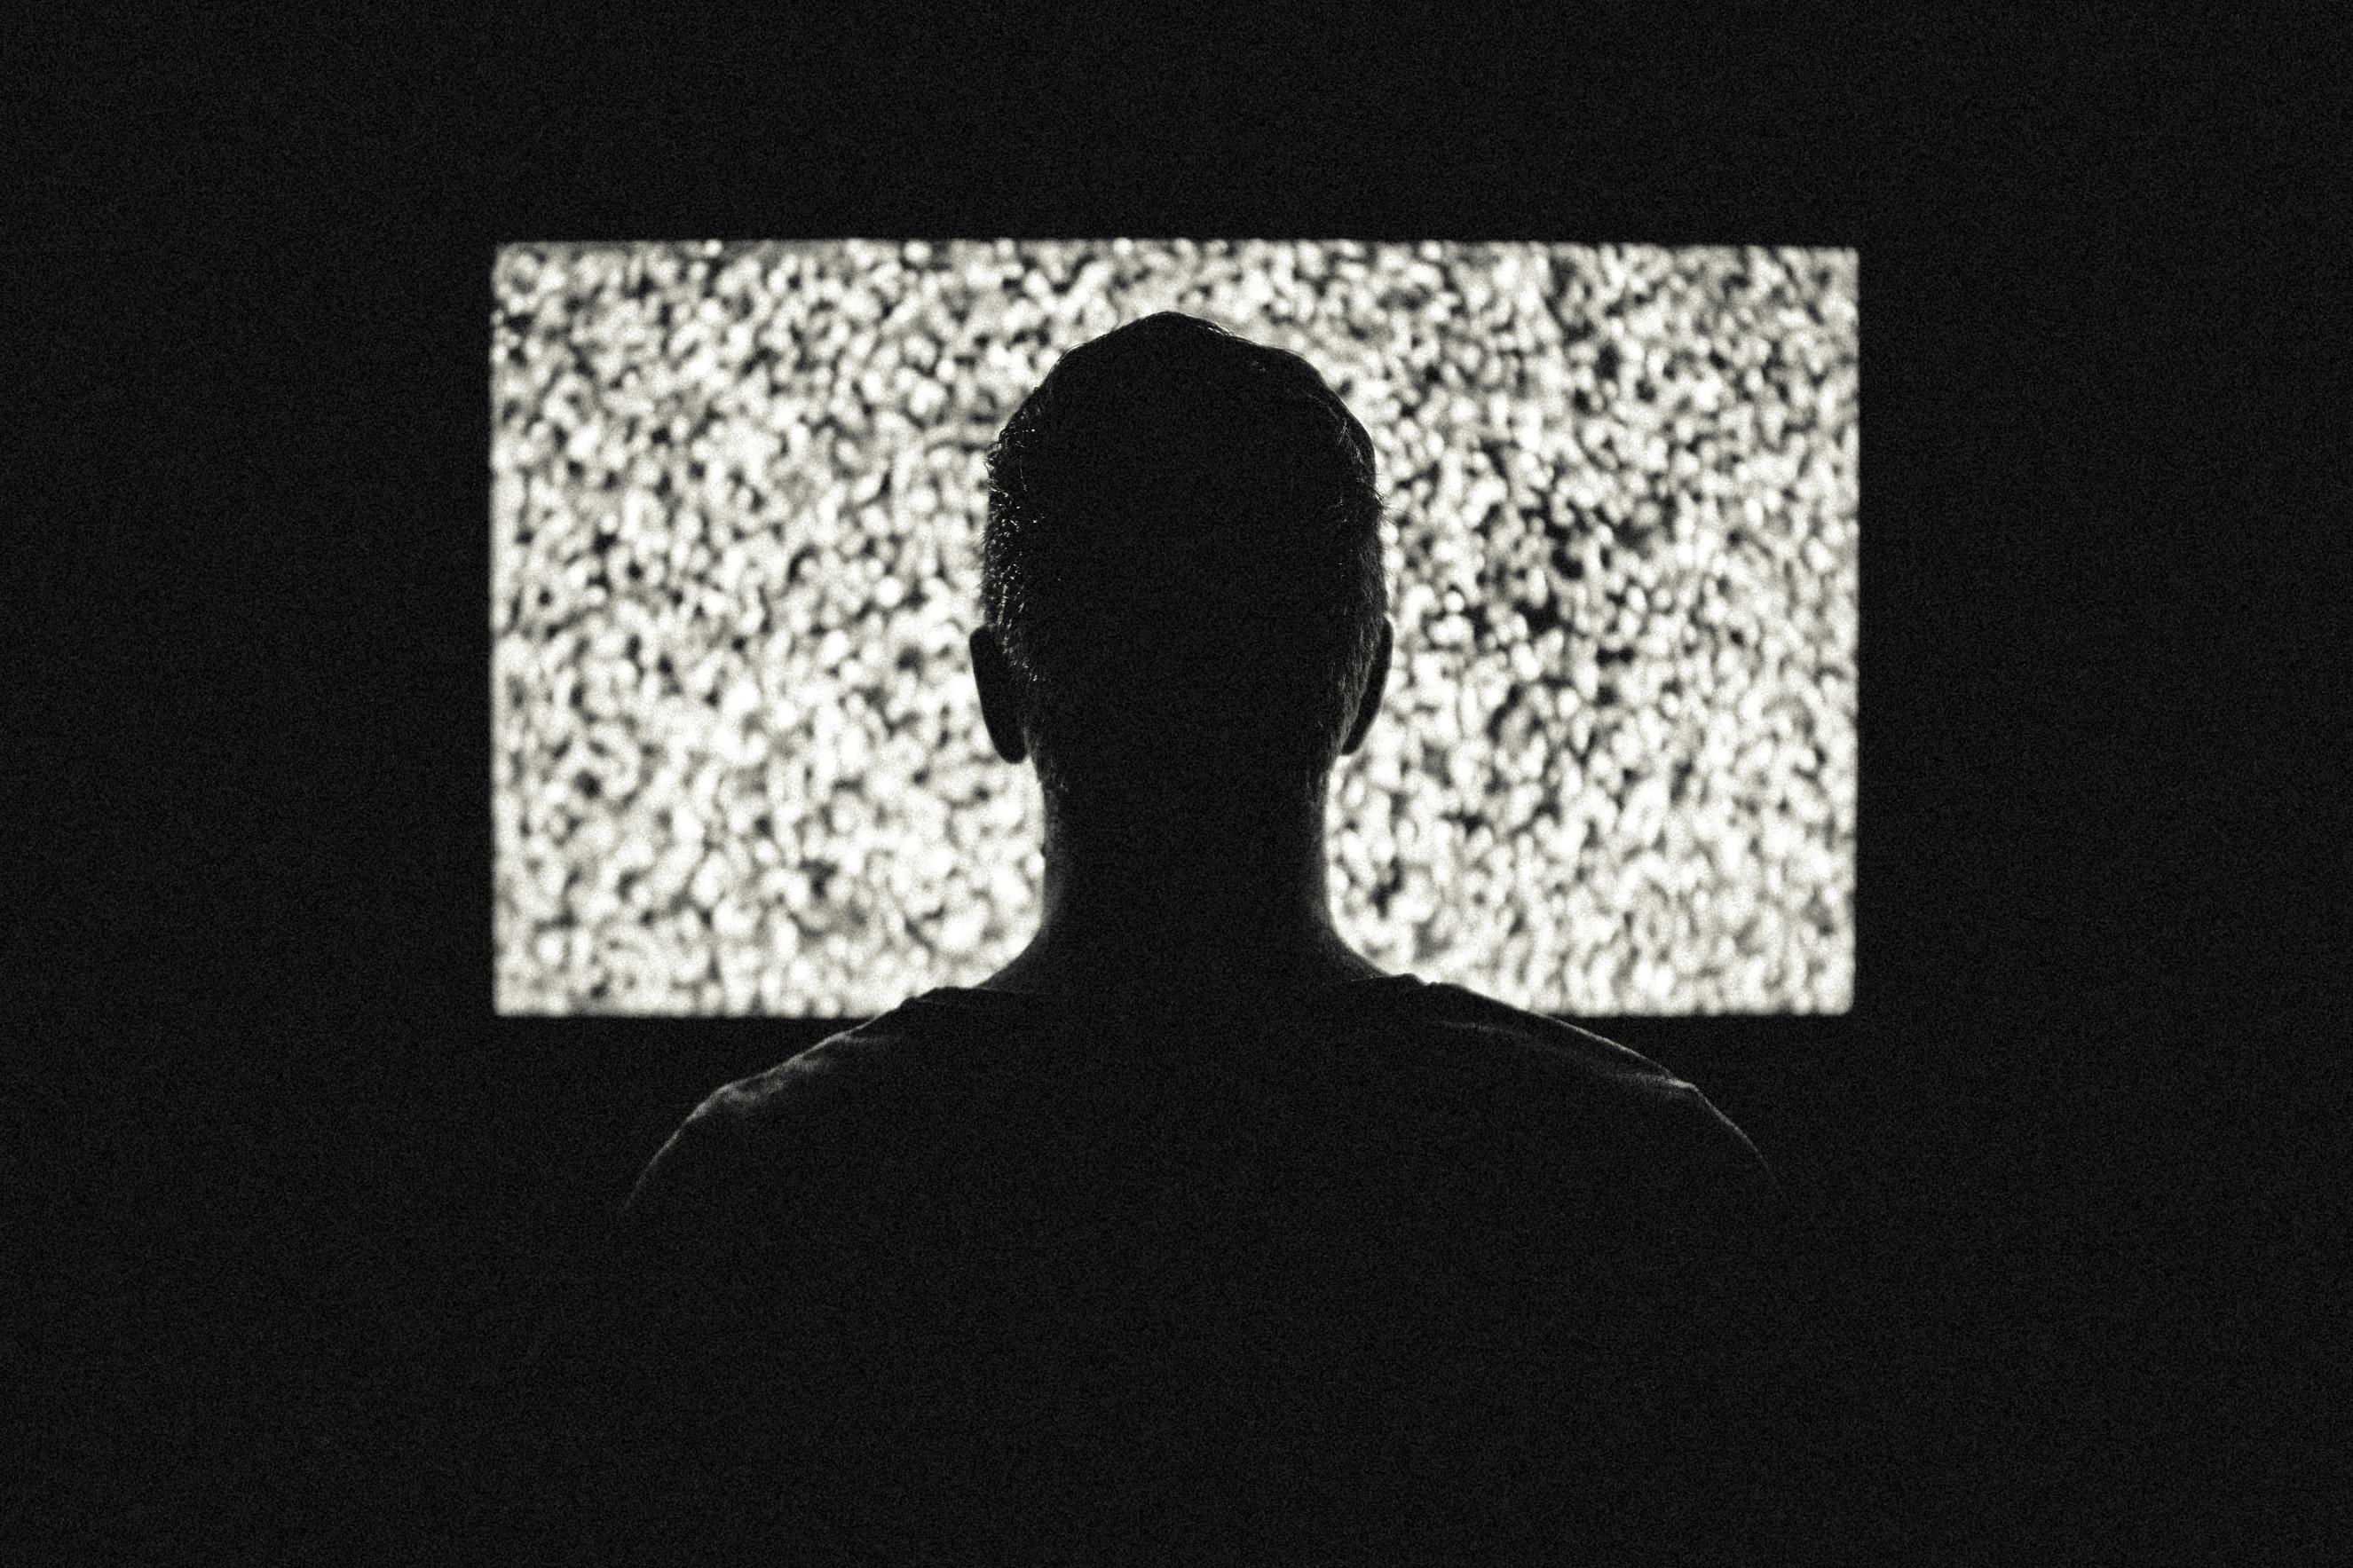 Man staring at TV static.